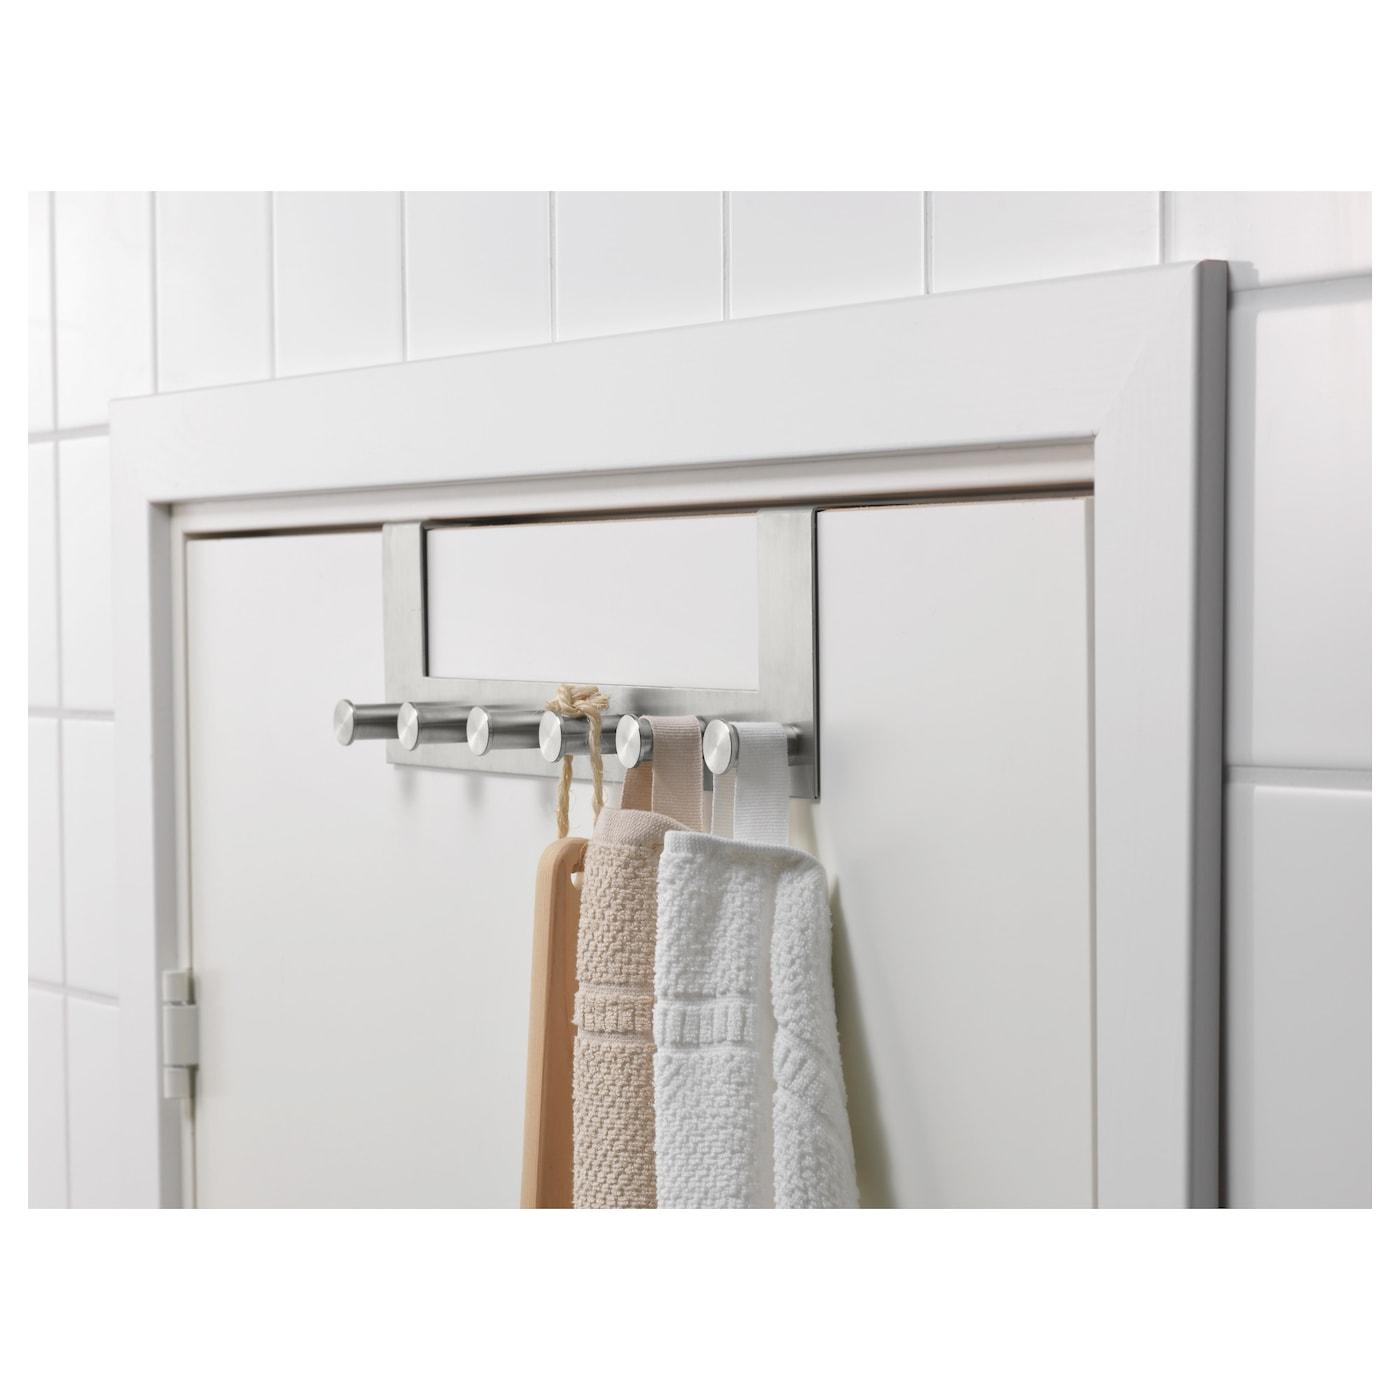 grundtal hanger for door stainless steel ikea. Black Bedroom Furniture Sets. Home Design Ideas